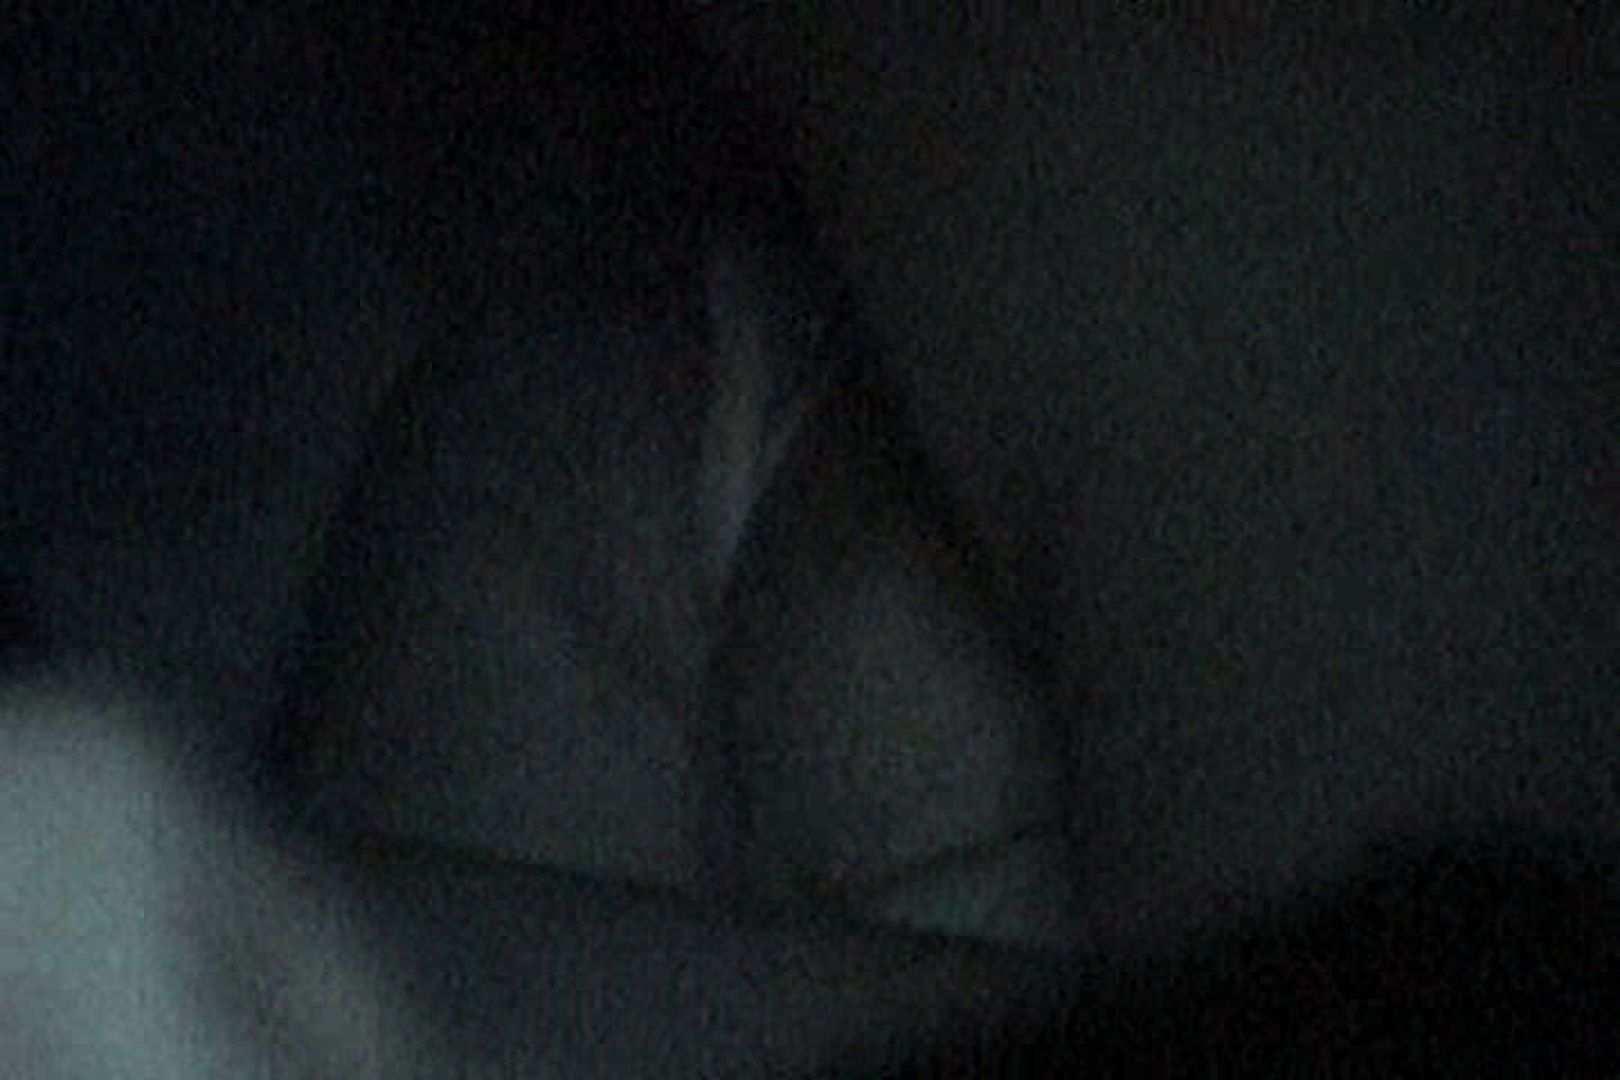 充血監督の深夜の運動会Vol.148 エロティックなOL  88画像 18